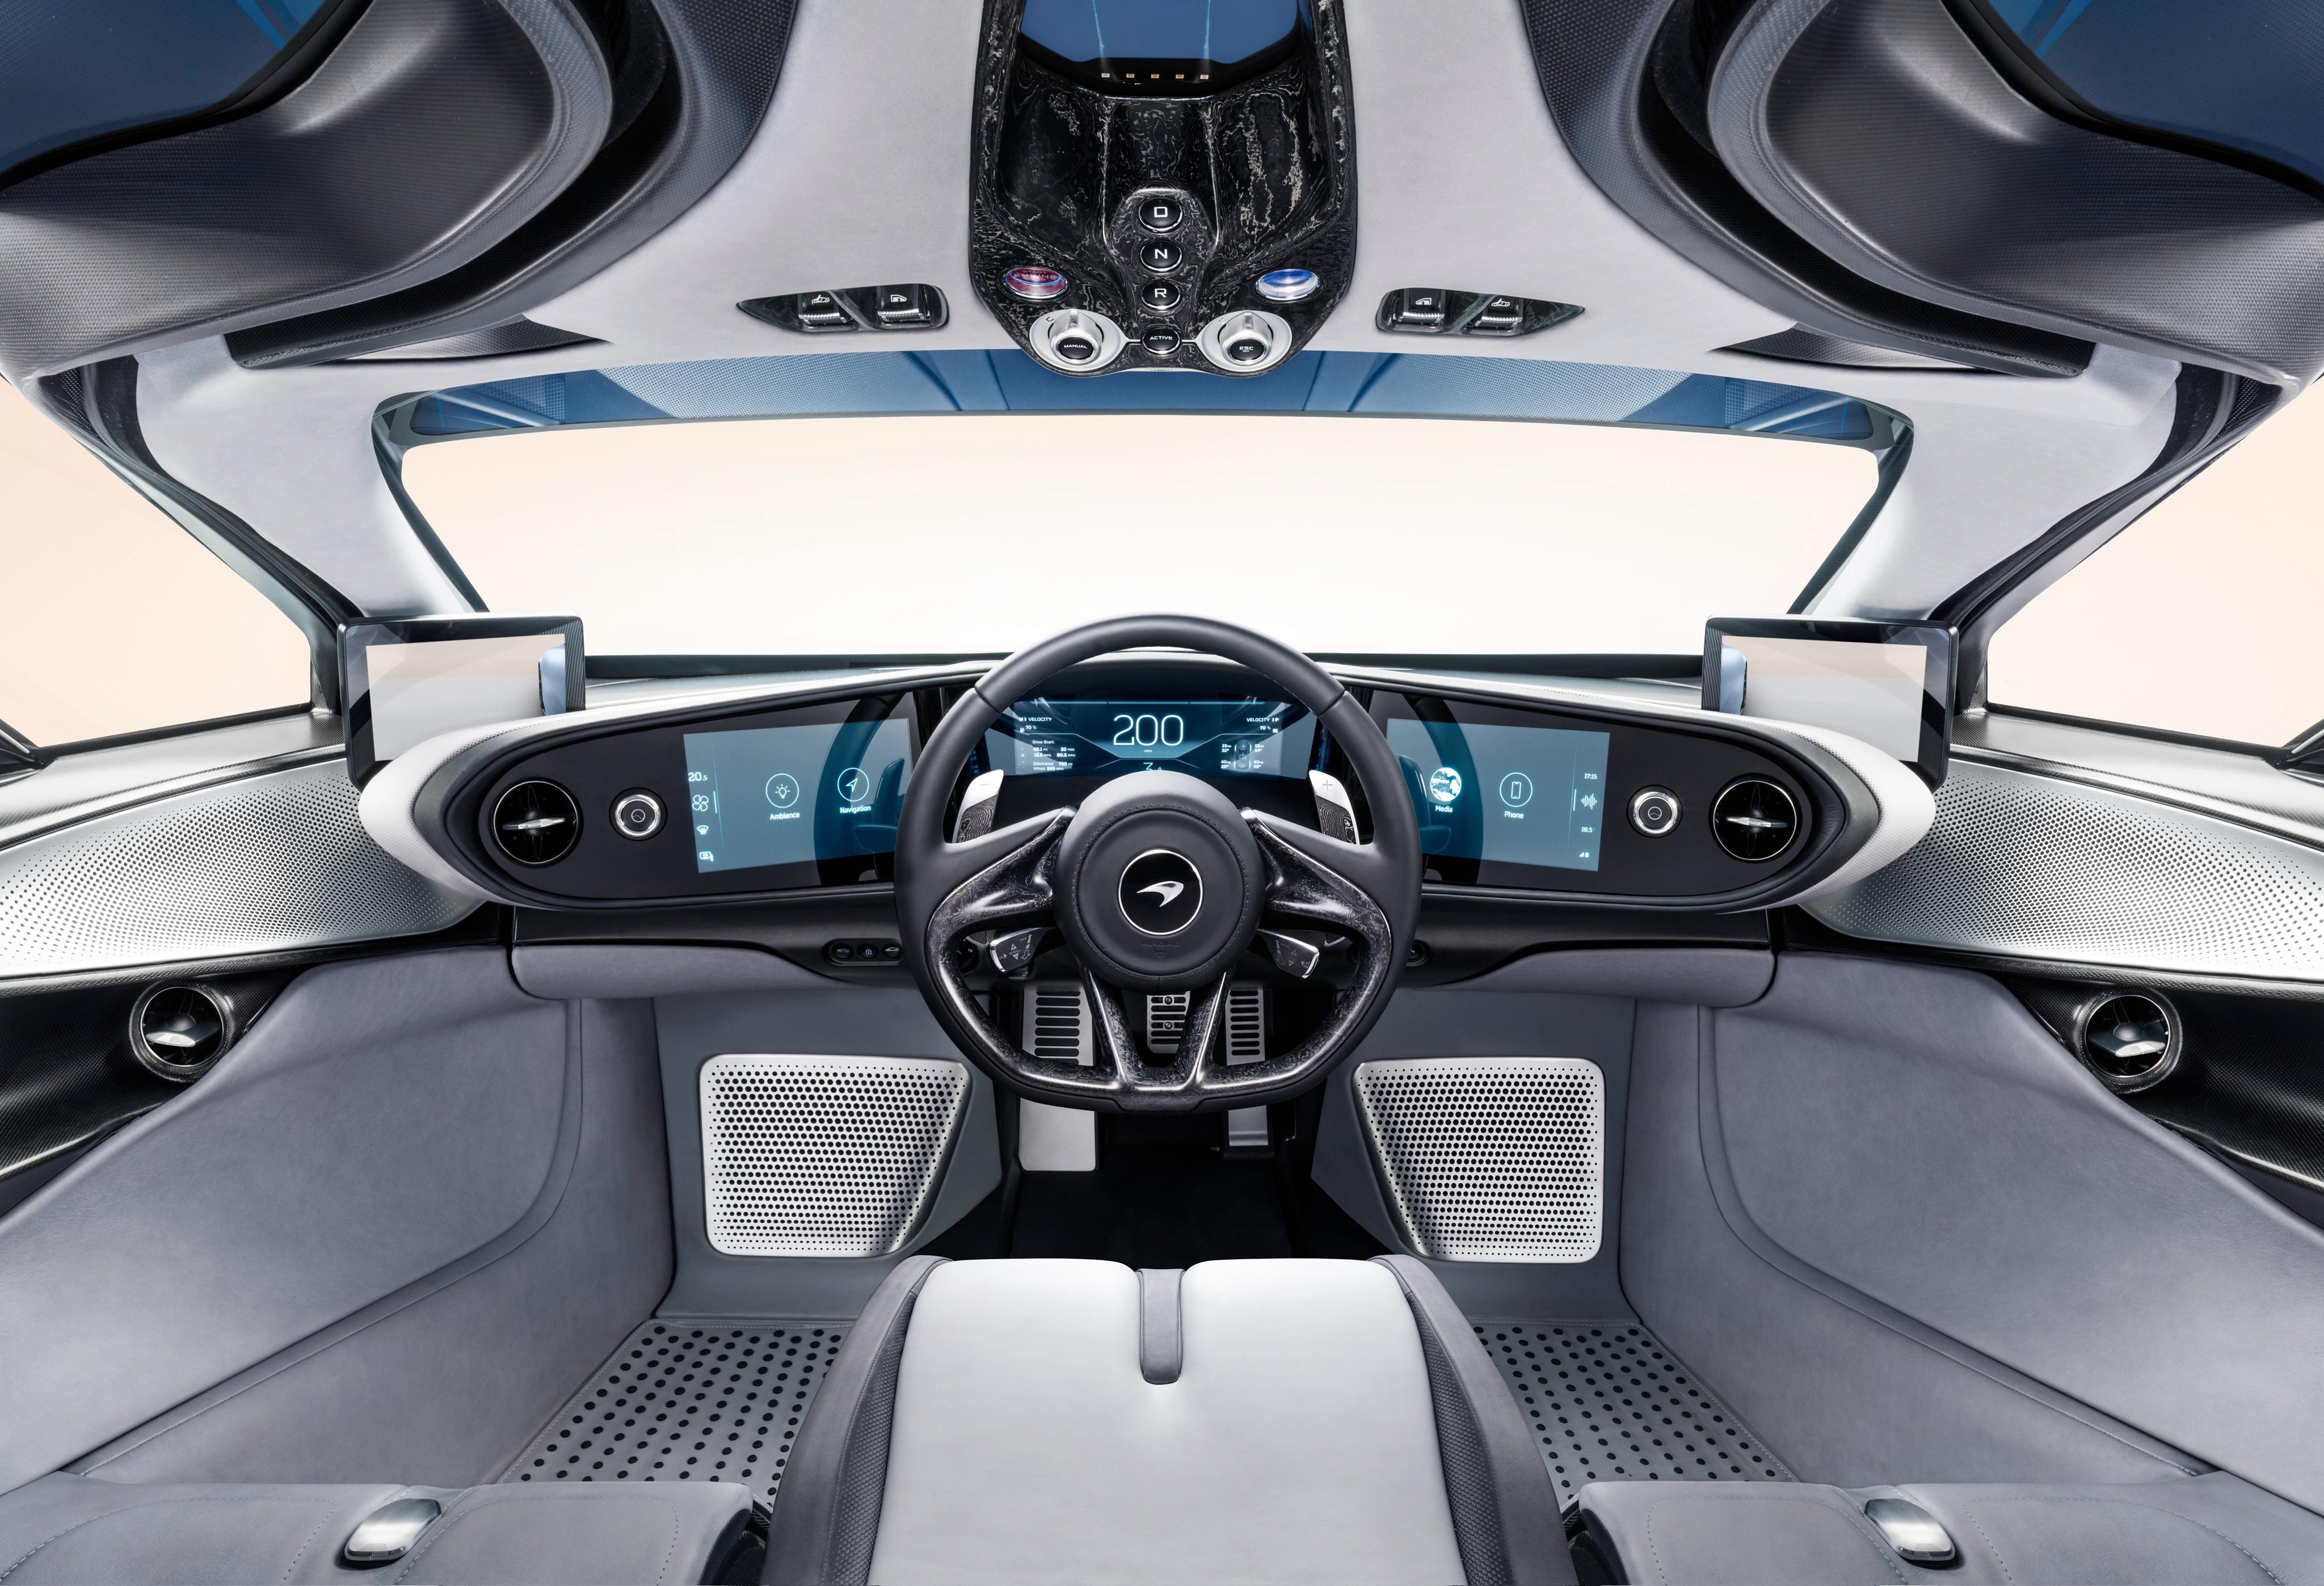 McLaren Speedtail 2018 Interior, HD Cars, 4k Wallpapers ...